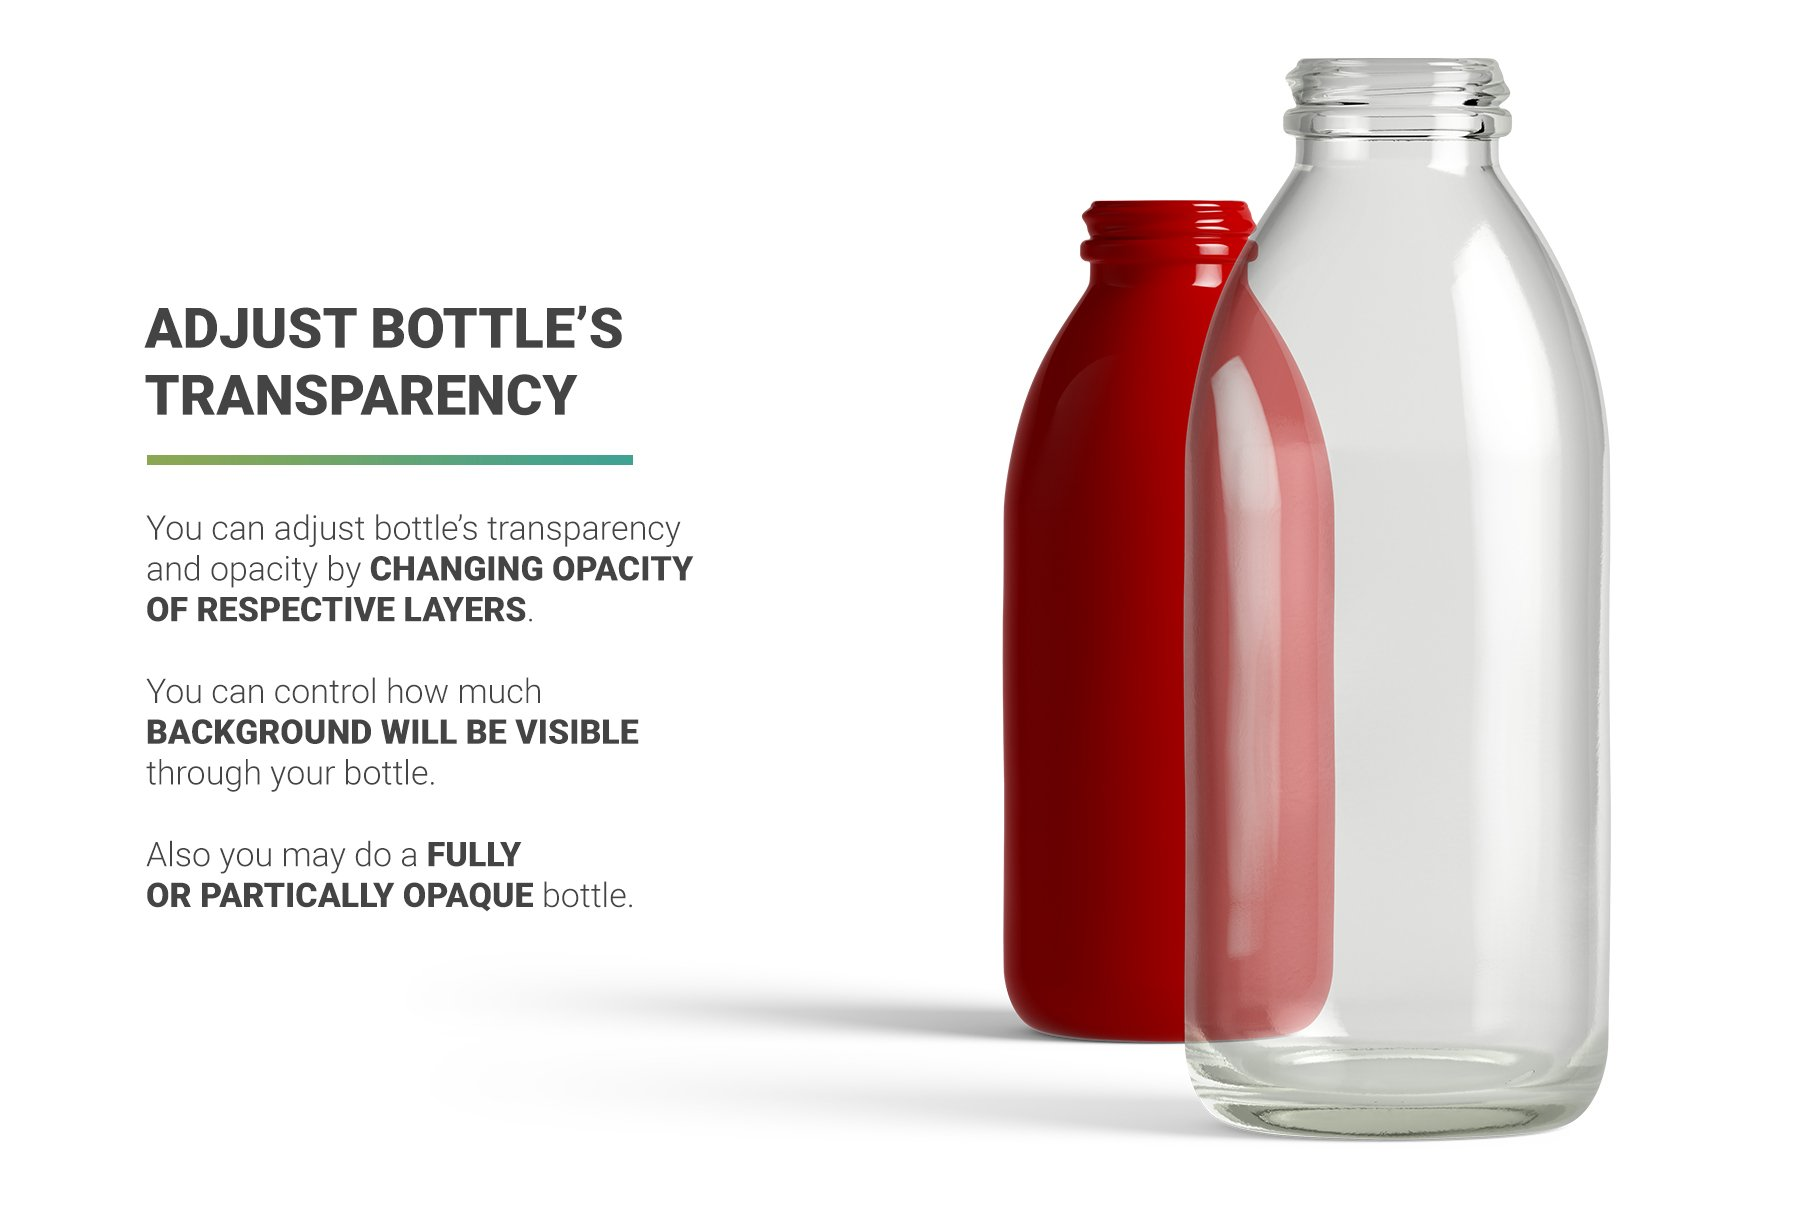 高分辨率鲜奶玻璃瓶设计展示贴图样机 Milk Cocoa Bottle Mockup插图5